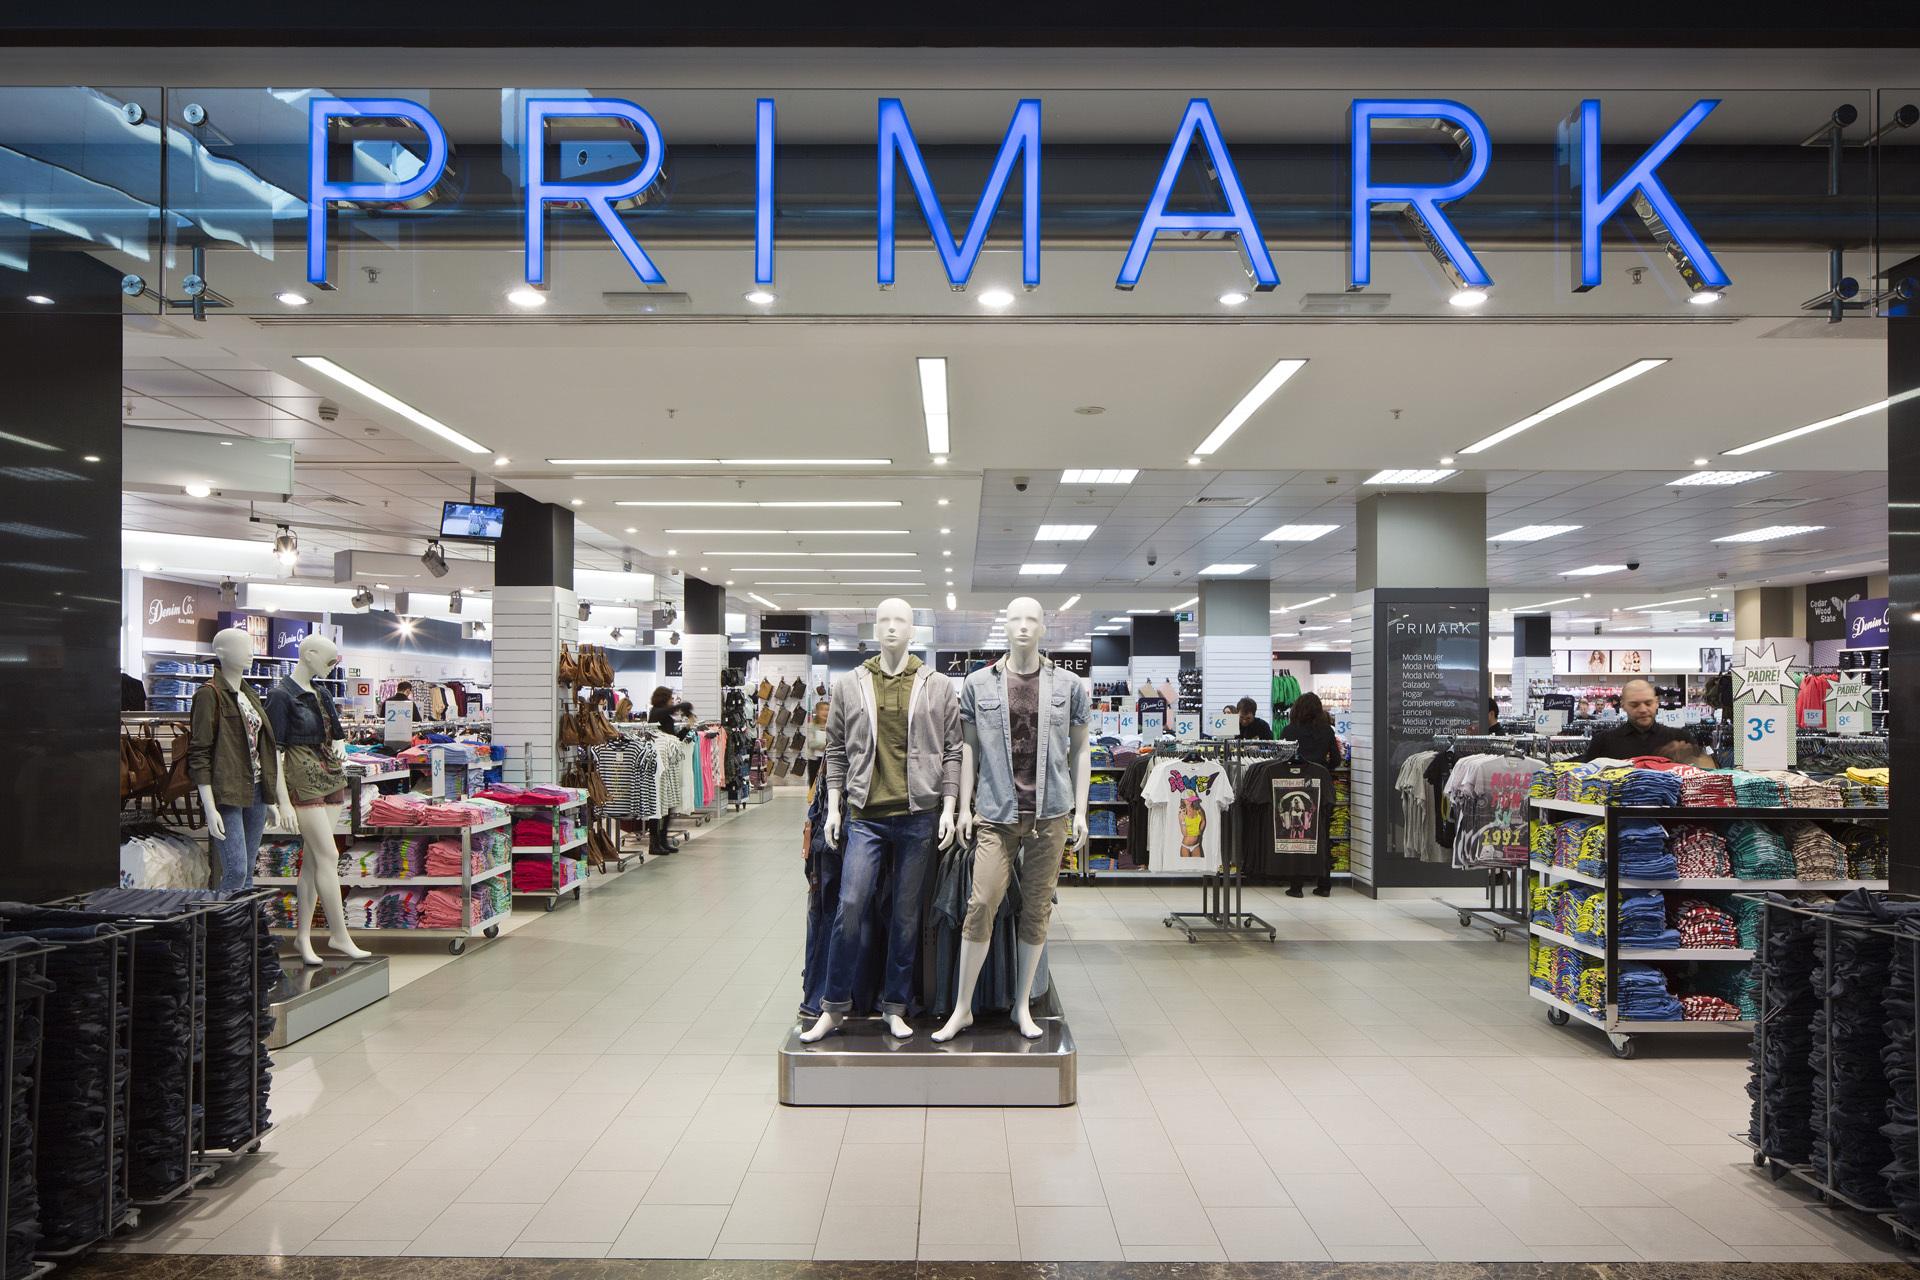 Tienda de Primark en el madrileño Centro Comercial La Gavia.